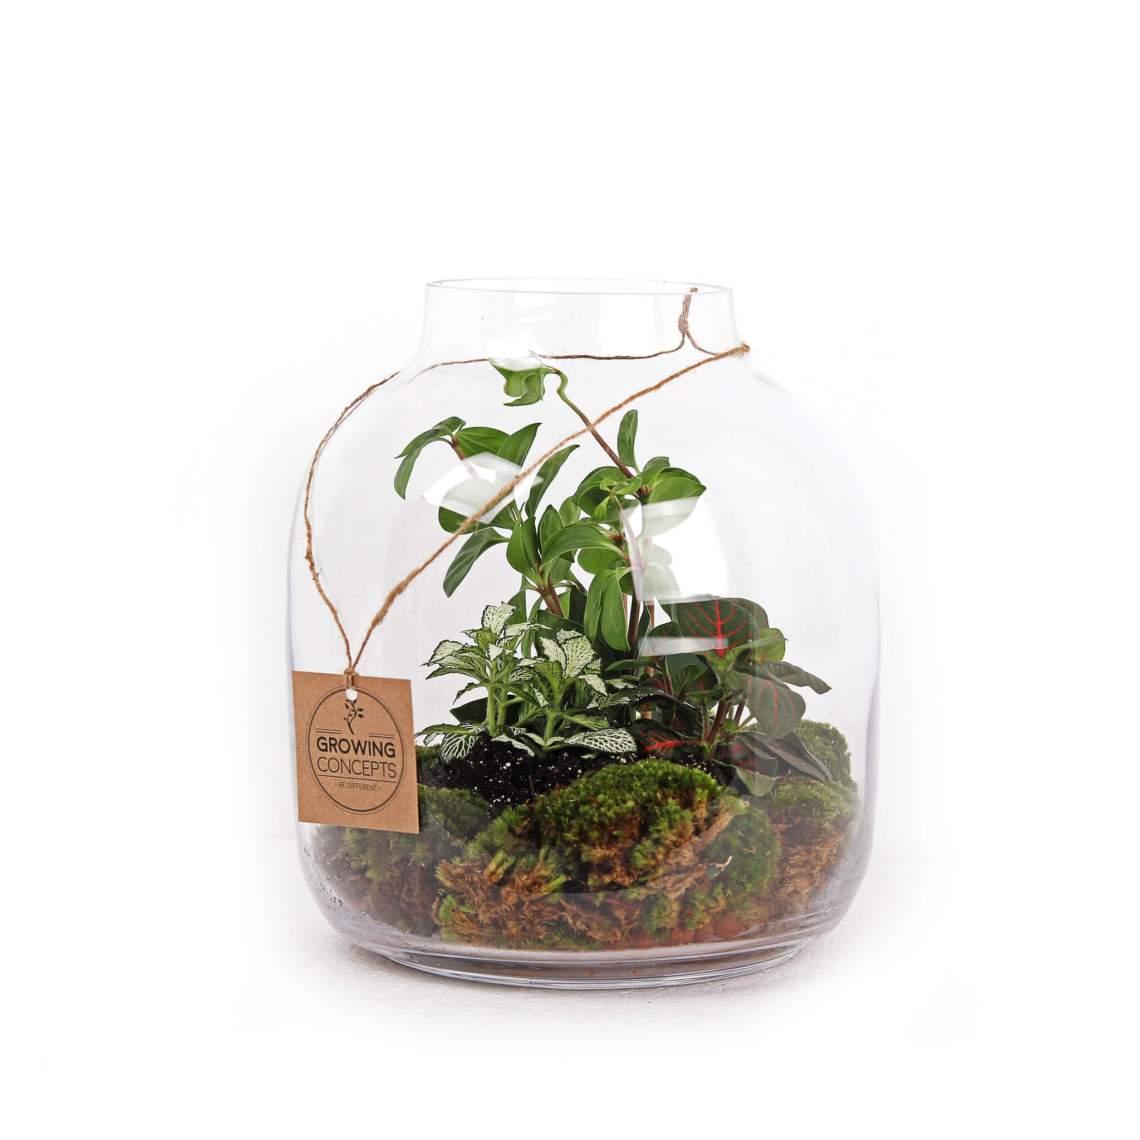 weckpot planten plant groen duurzaam relatiegeschenk idee trend